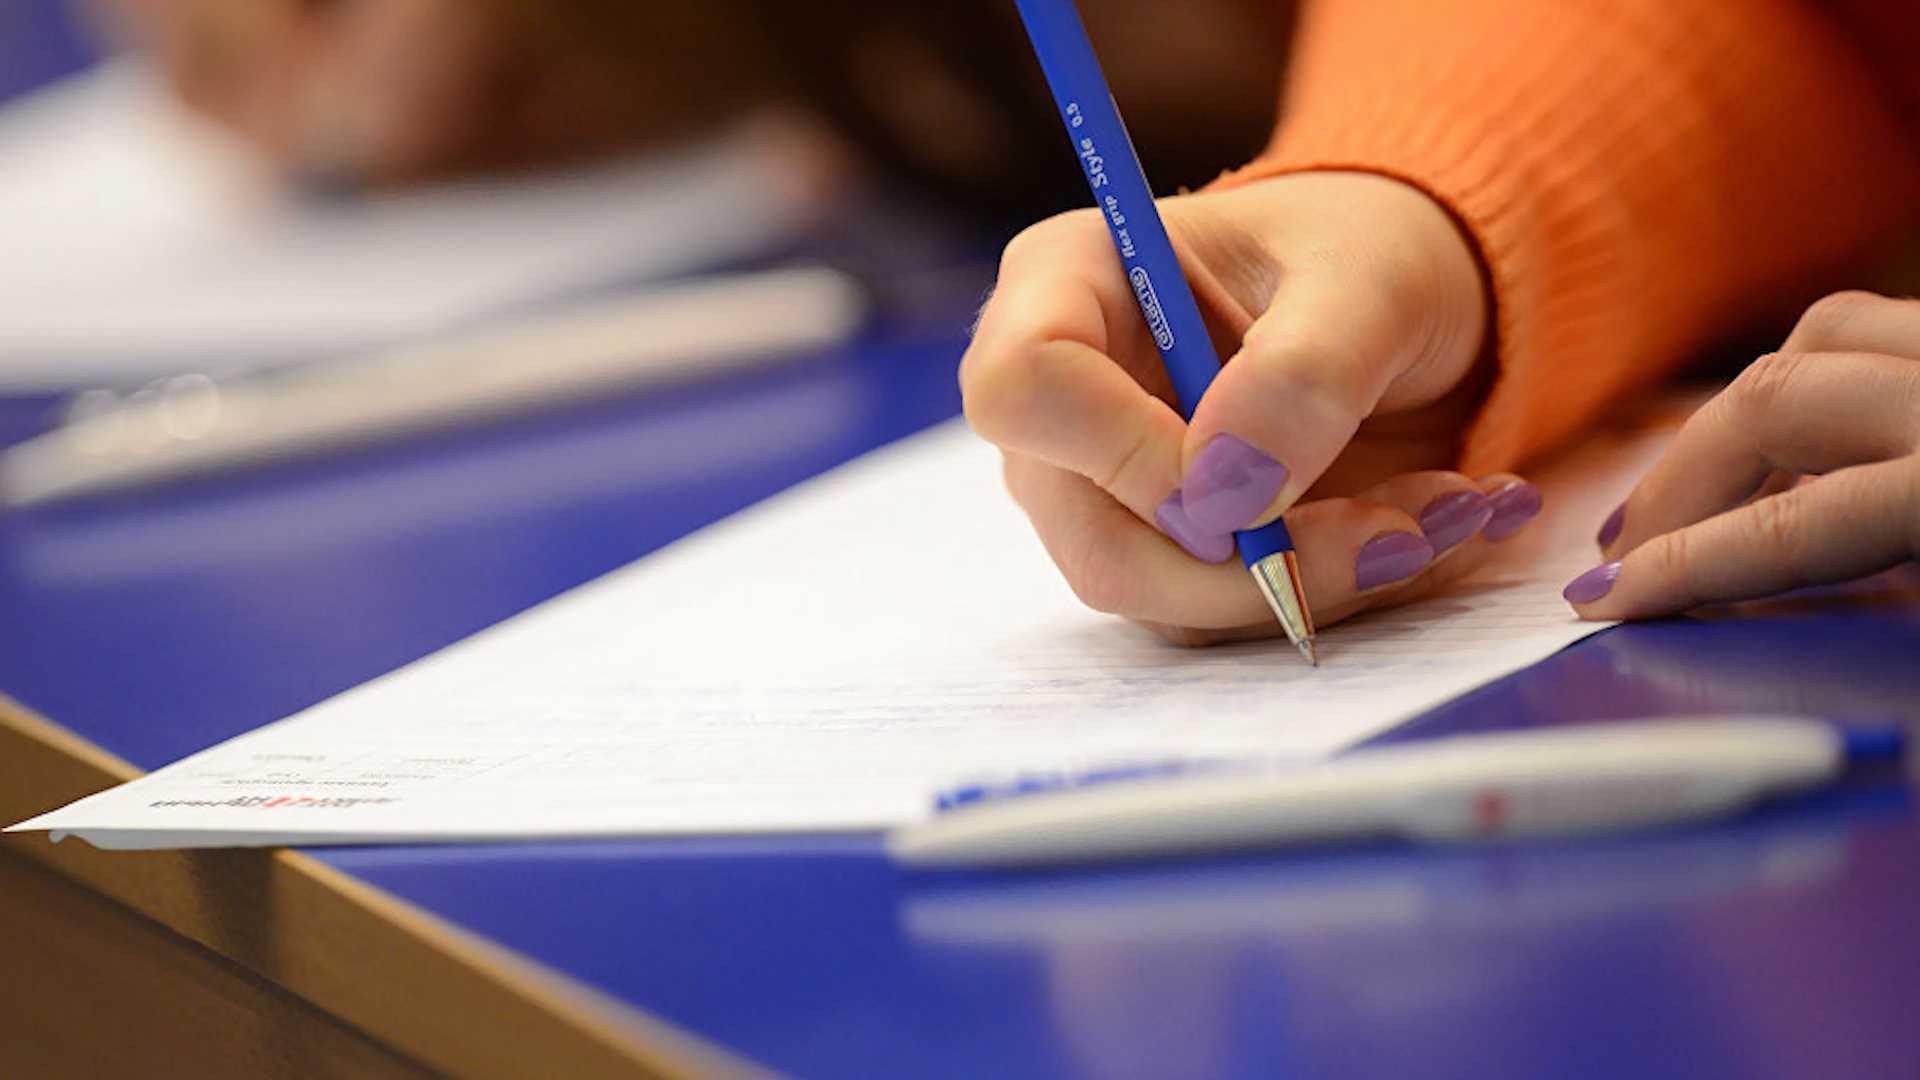 Костромичей призывают похвастать студенческими конспектами